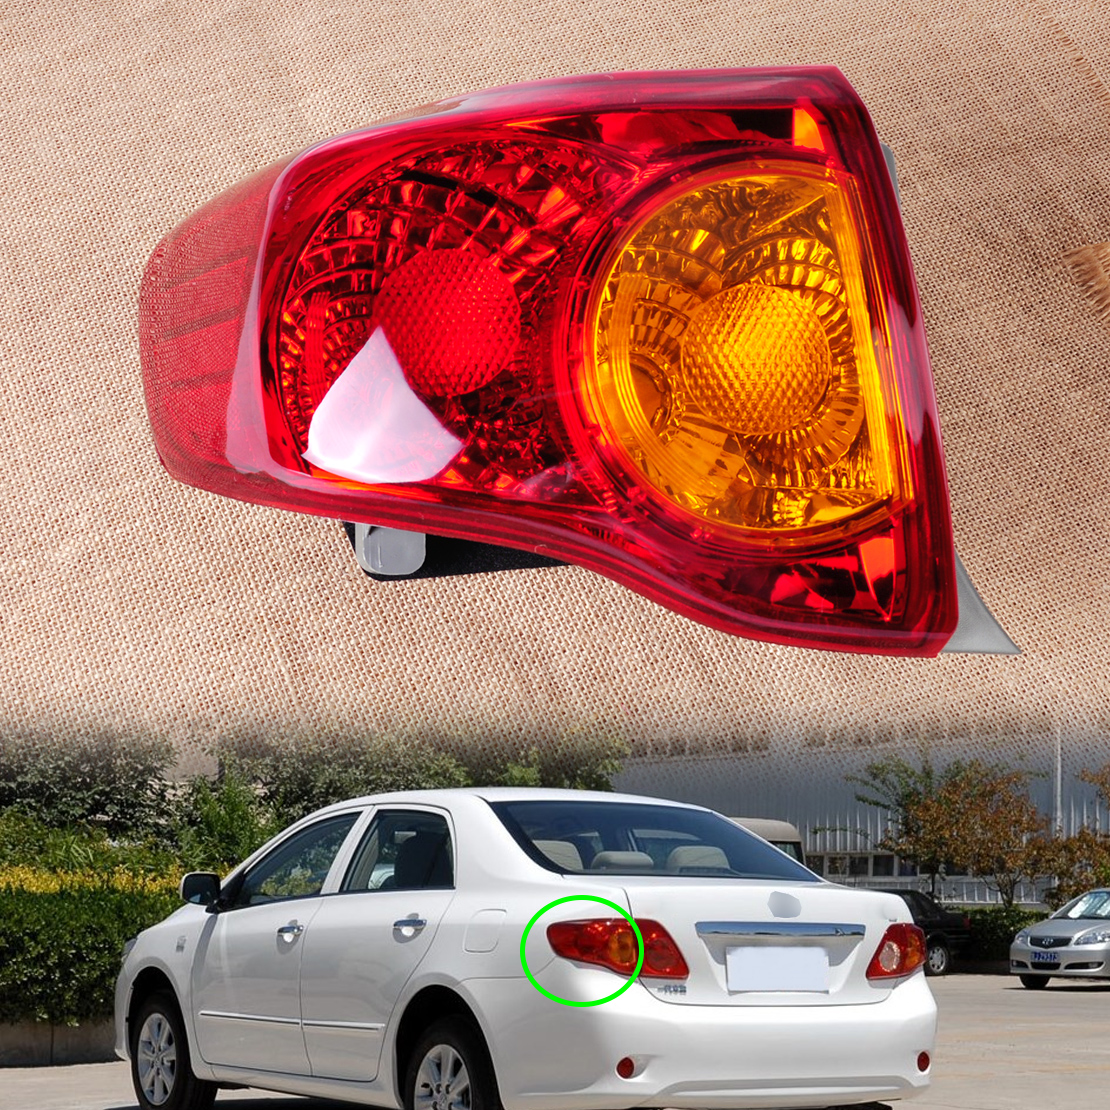 СИТАЛЛ TO2800175 166-50863L задний левый задний фонарь задний фонарь вытяжки сборе со стороны водителя стоп-сигнал для Тойота Королла 2009 2010